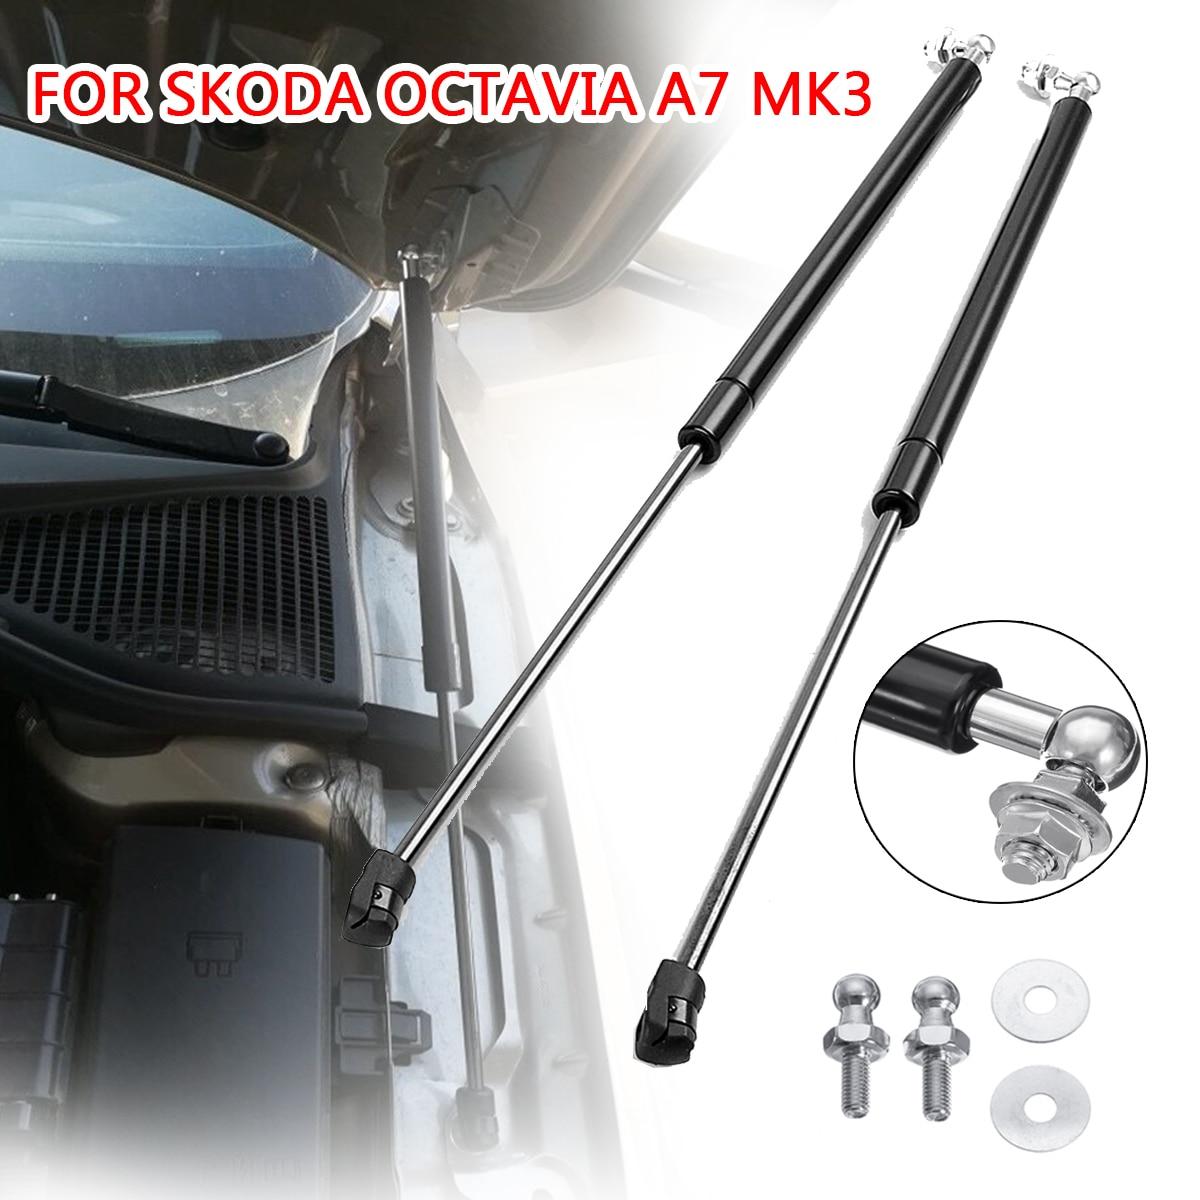 Skoda Octavia A7 MK3 스테인레스 스틸 유압로드 자동차 액세서리에 대 한 2Pcs 자동차 가스 충격 후드 충격 스트럿 댐퍼 리프트 지원